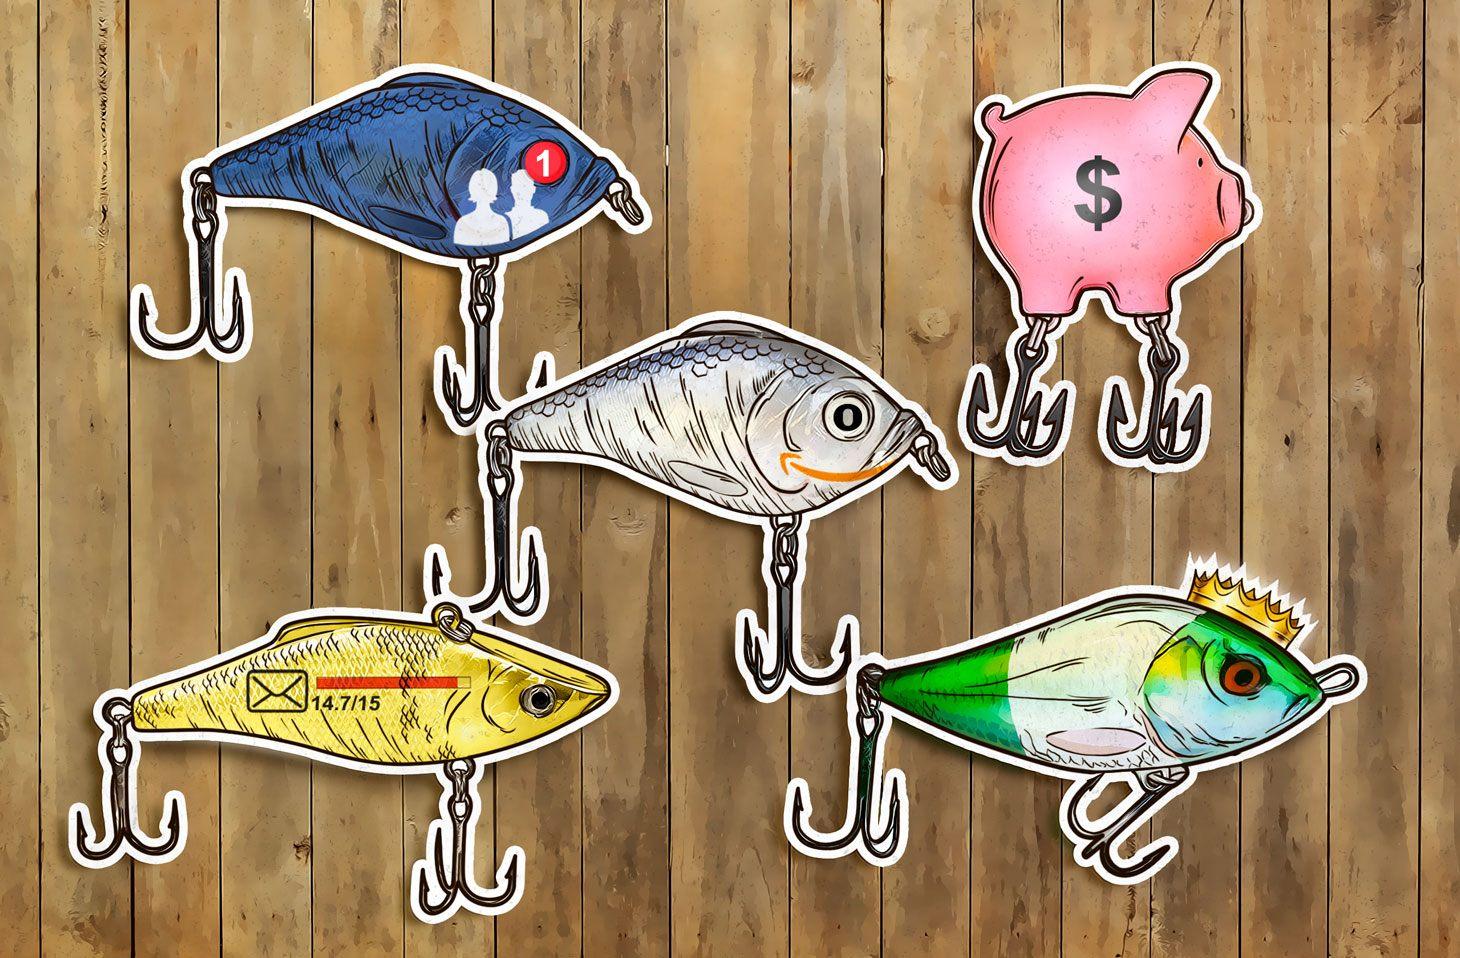 Online fraude: de 5 meest gebruikte spam-trucs